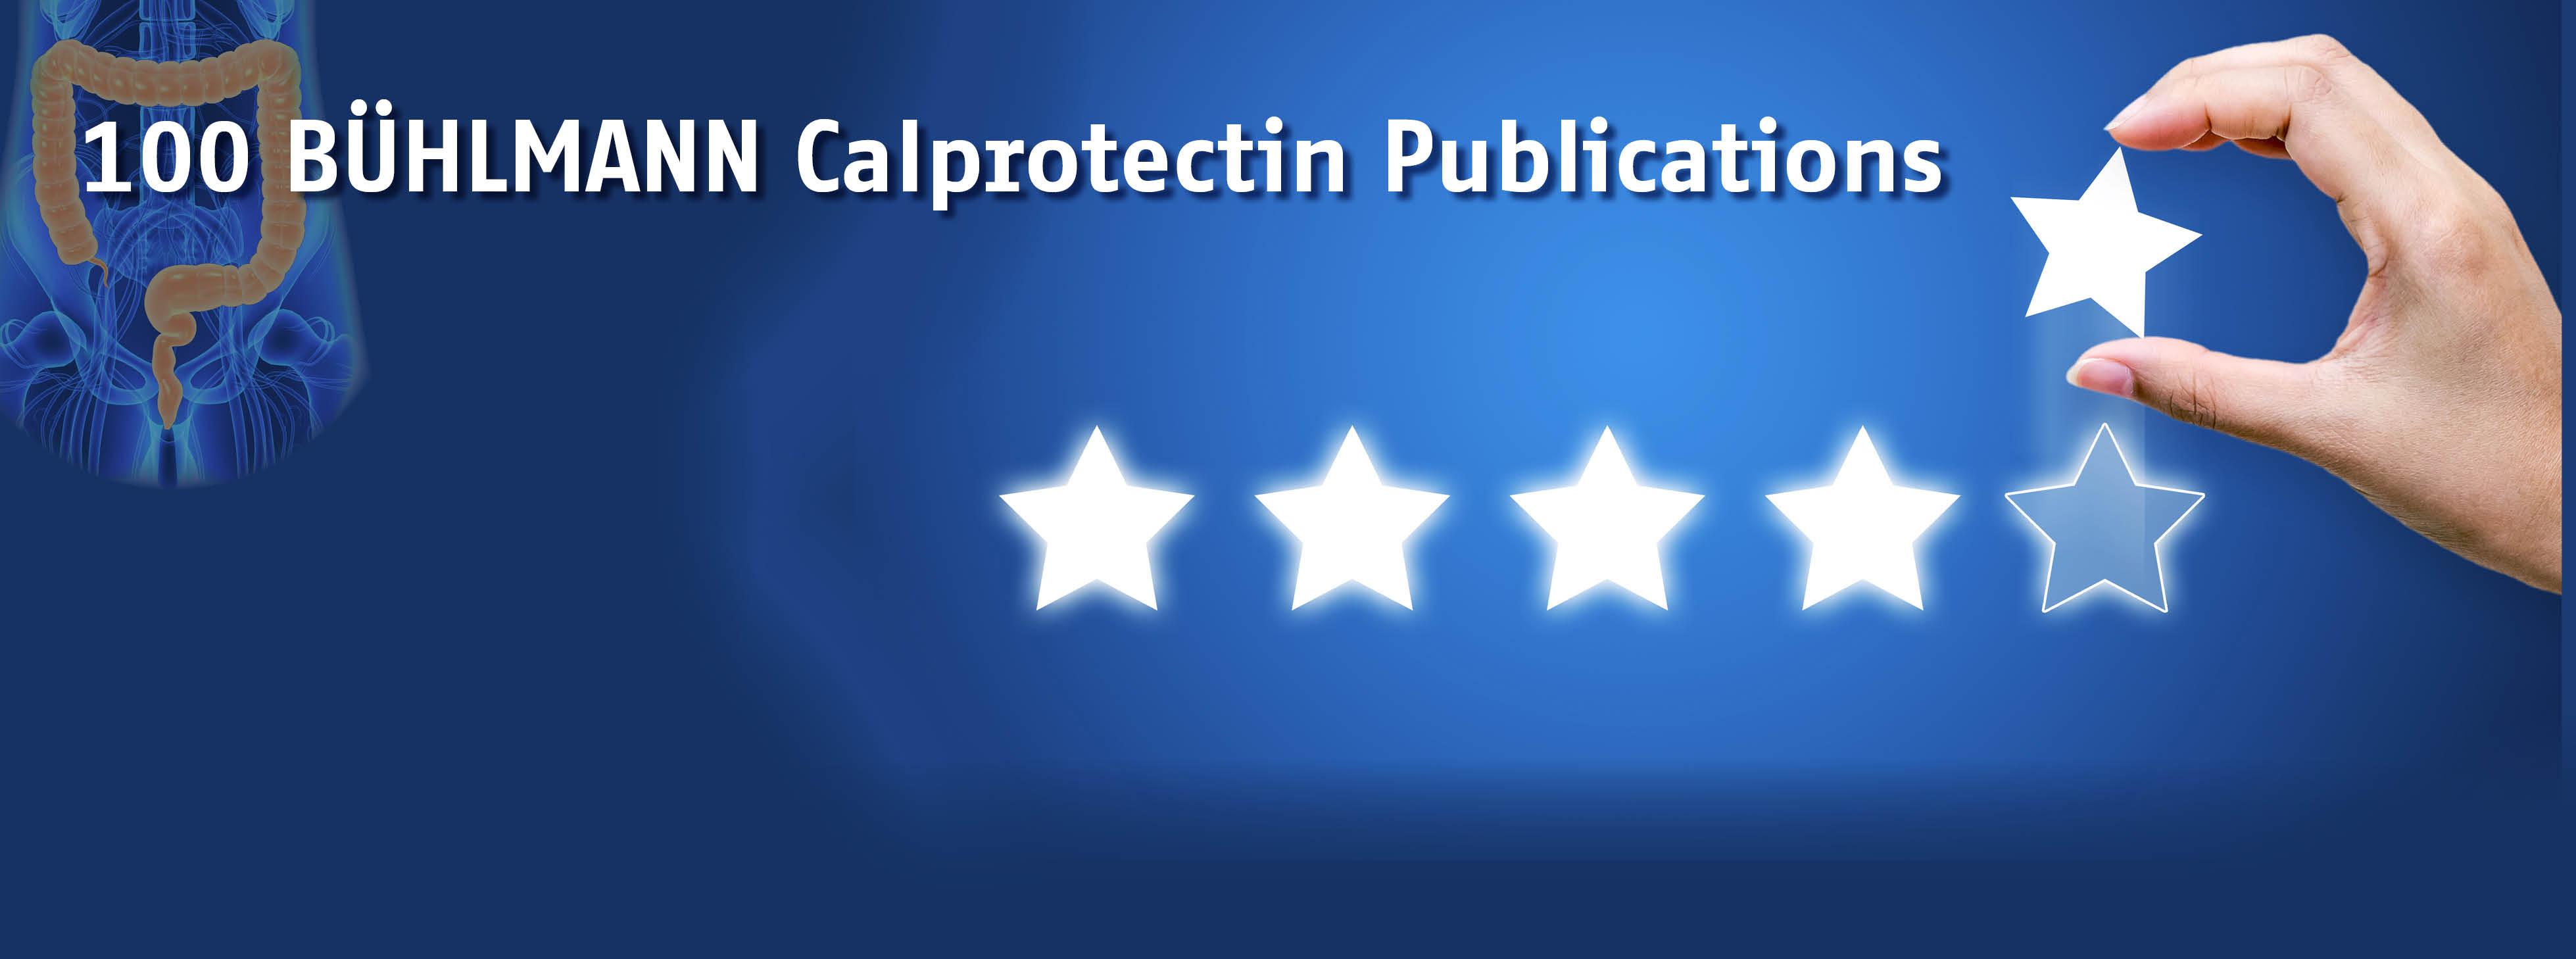 20191217_100-Calprotectin-Paper-Promotion_Final_V03_Revolution-Slider4